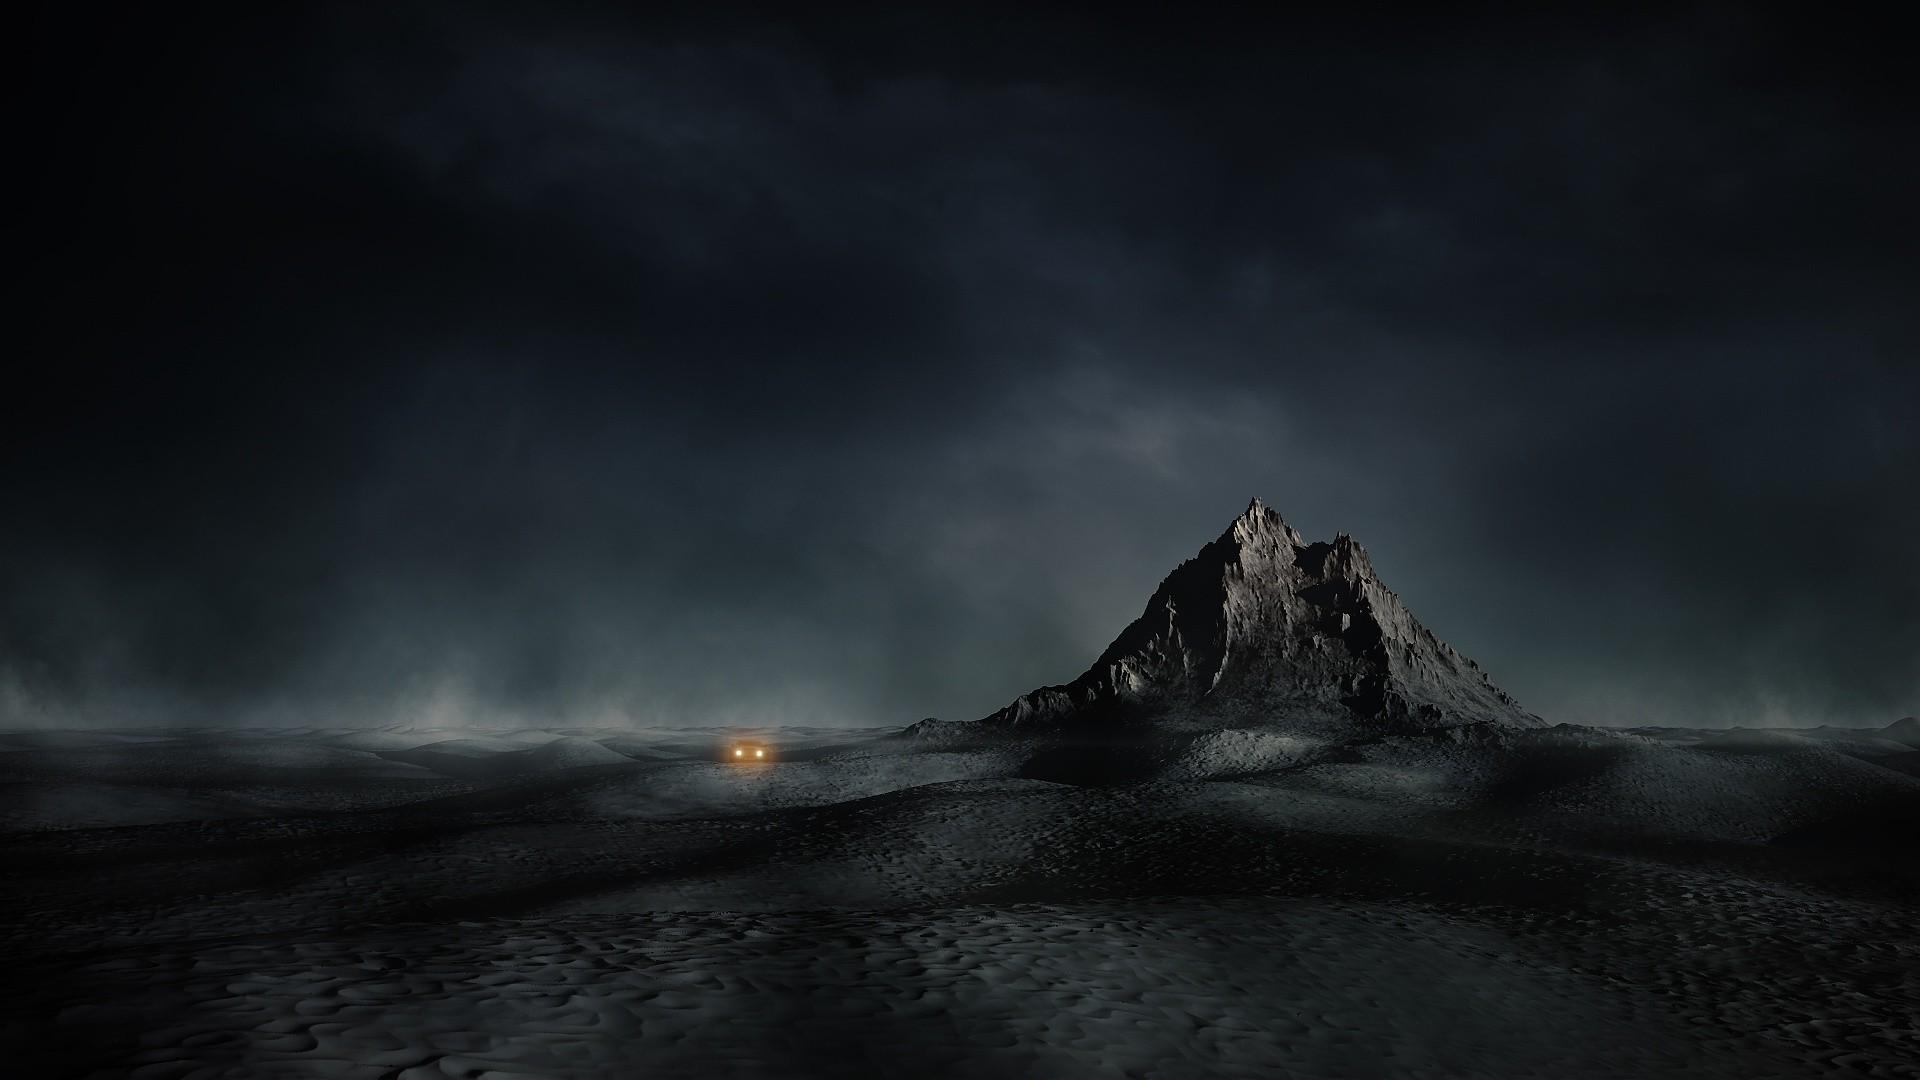 Dark Mode Background